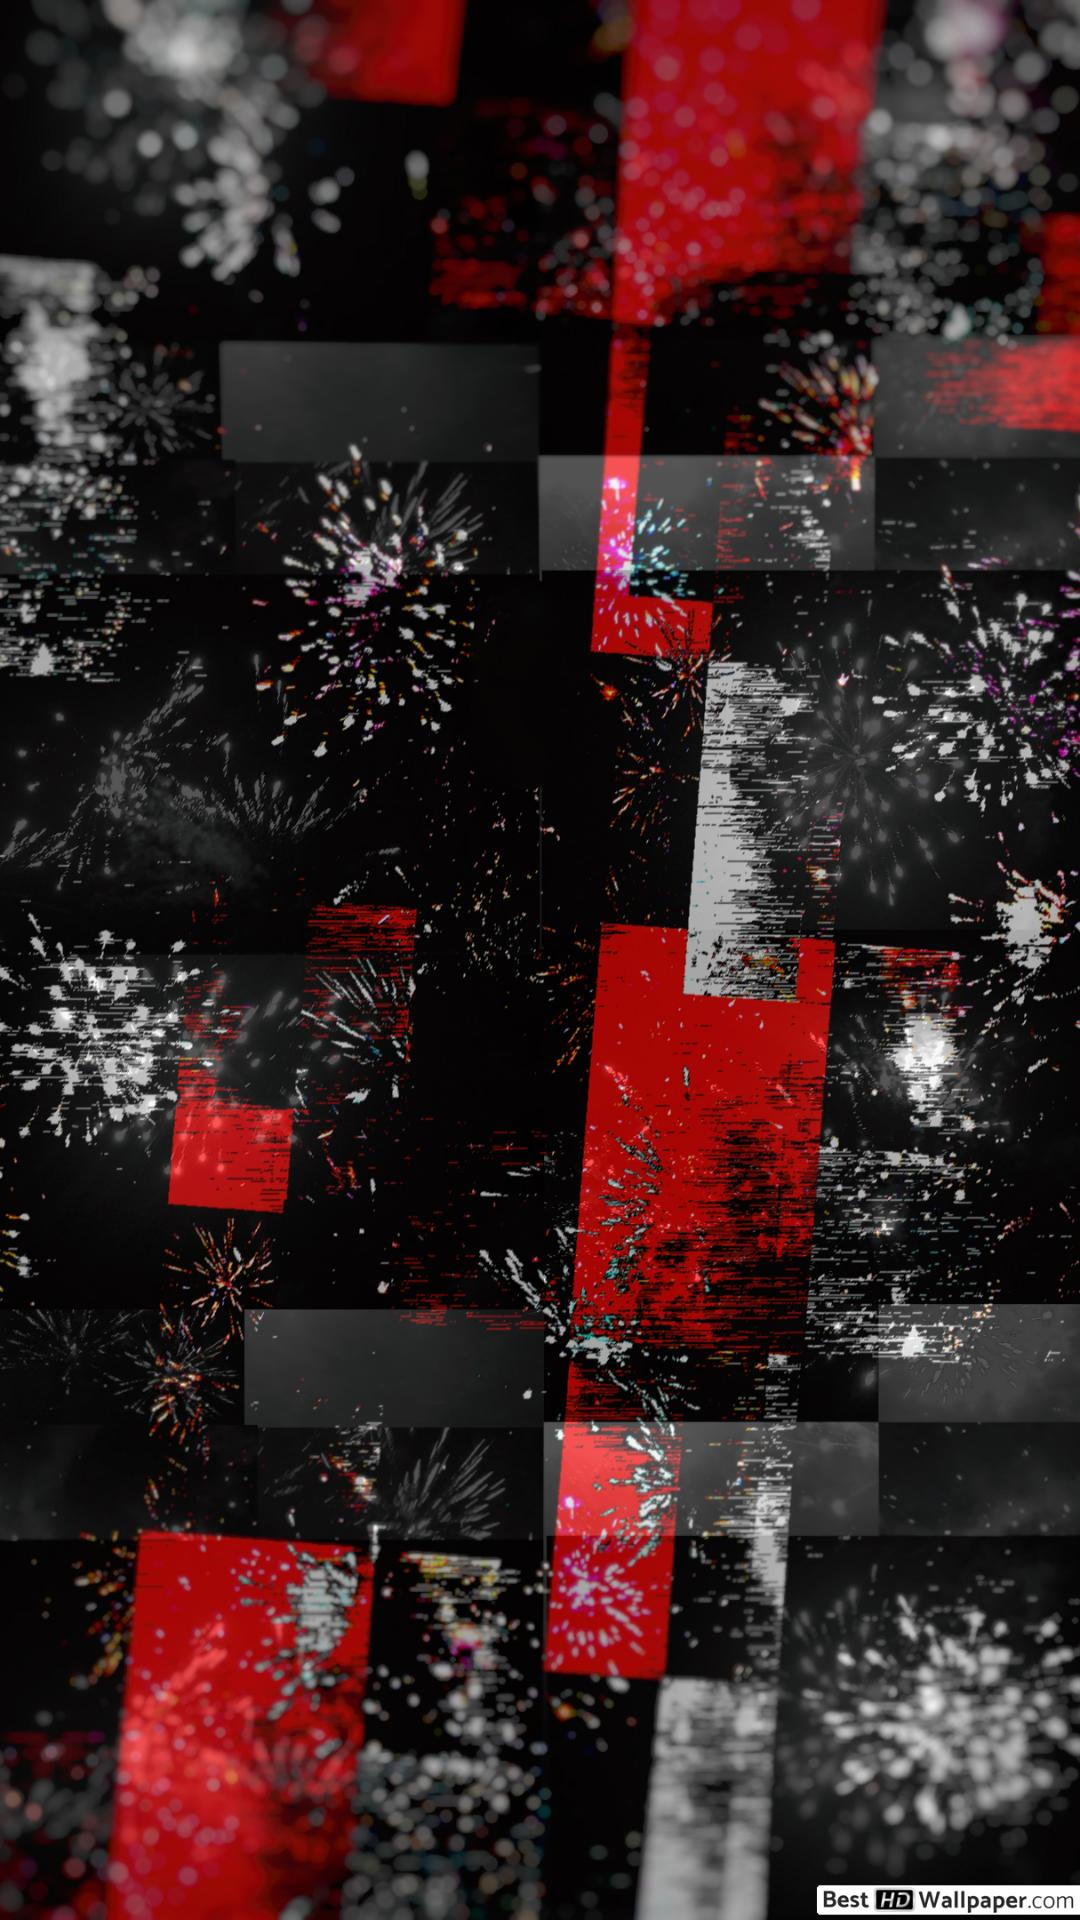 Abstract Dark 4k - HD Wallpaper